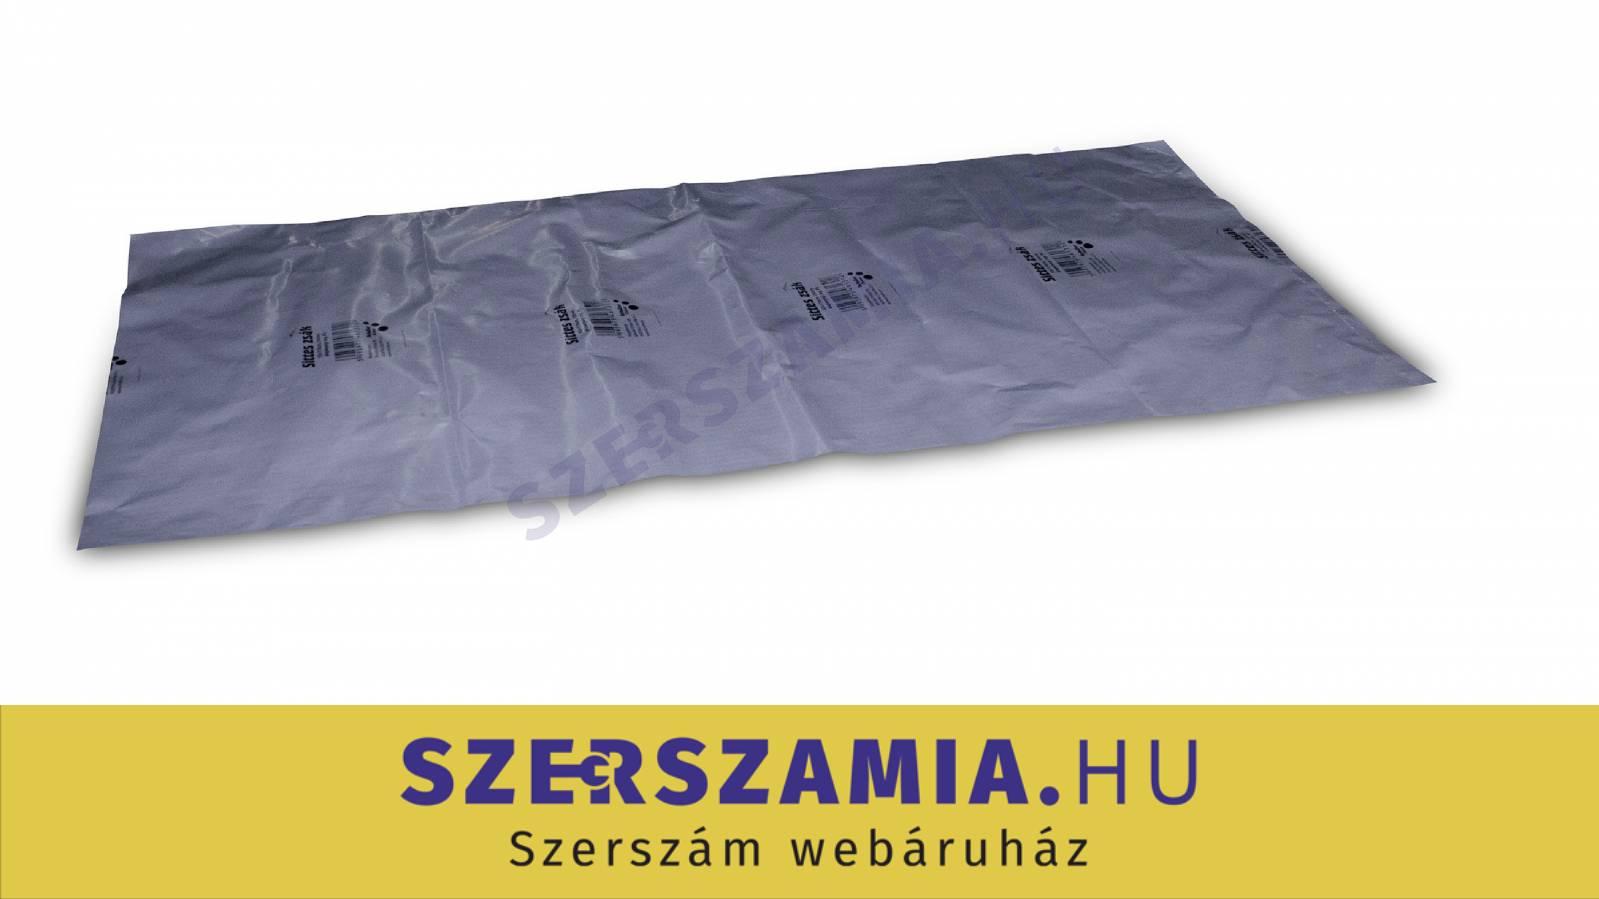 deda01d952d0 Sittes zsák, 55x110cm, szürke, kb.100my Yes HD 60l   SZERSZAMIA.hu